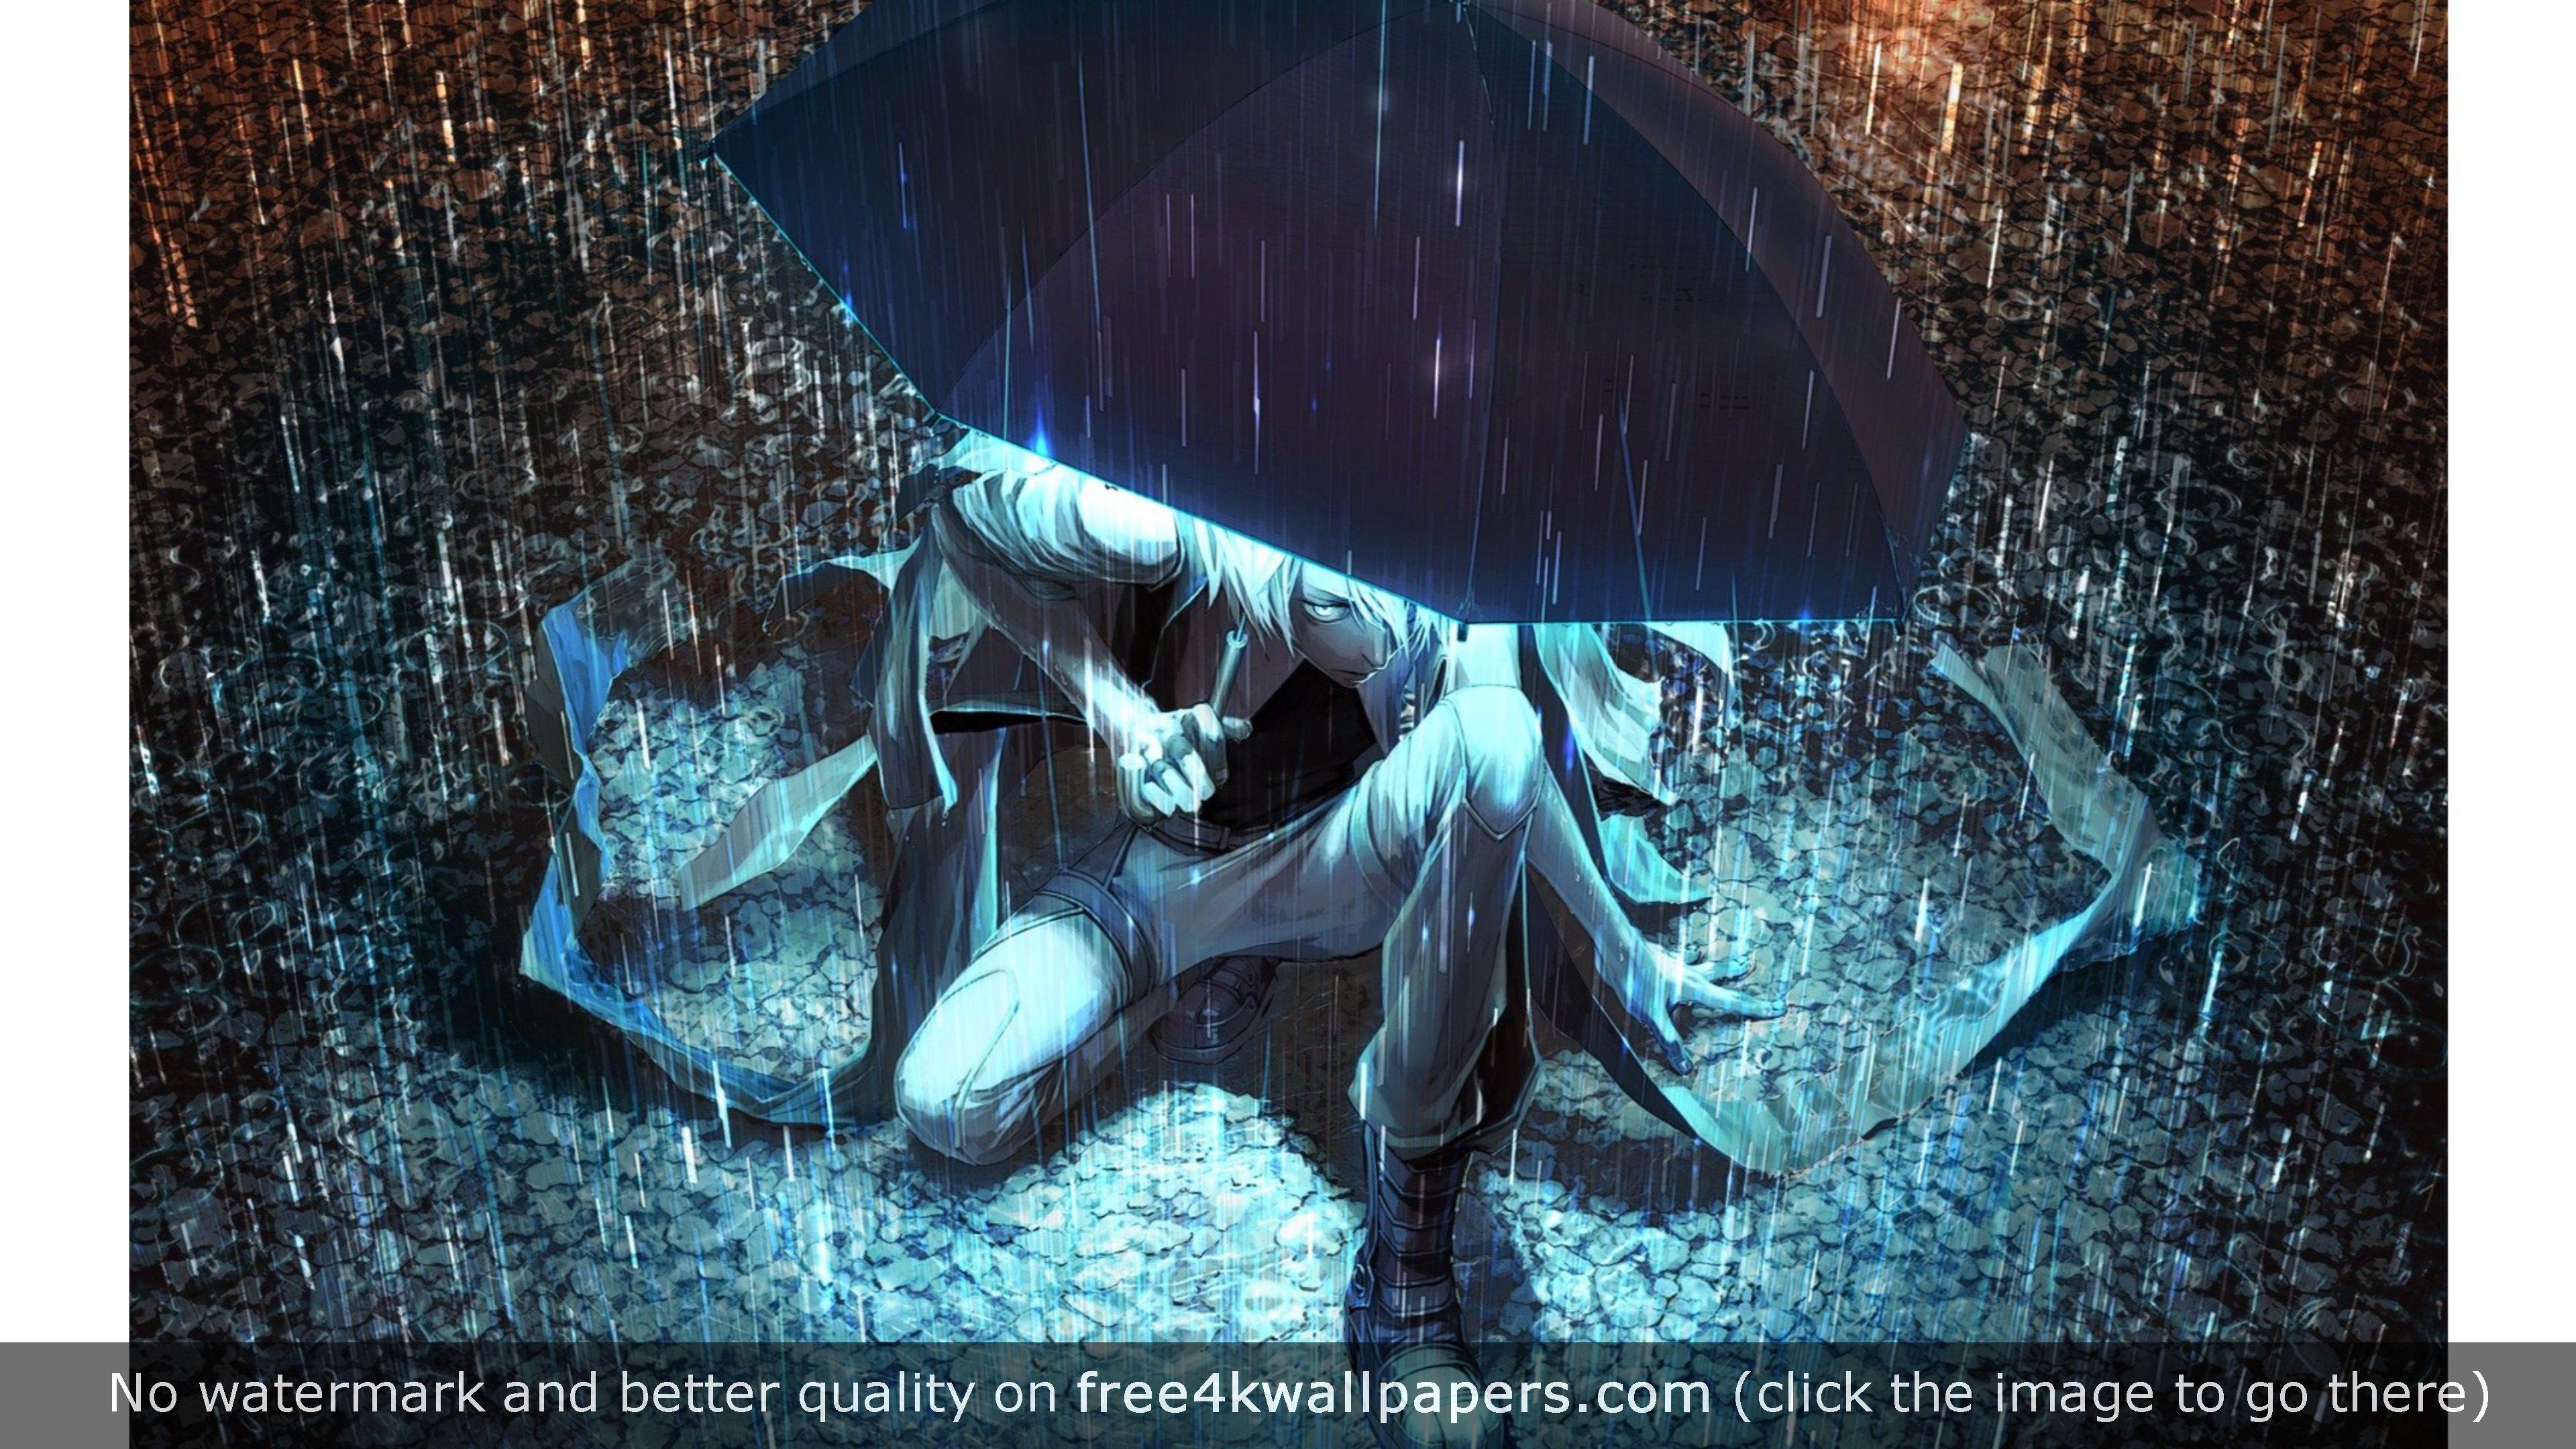 Under The Rain Anime S 4k Wallpaper Hd Anime Wallpapers Anime Wallpaper 1920x1080 1080p Anime Wallpaper Epic anime wallpaper full hd